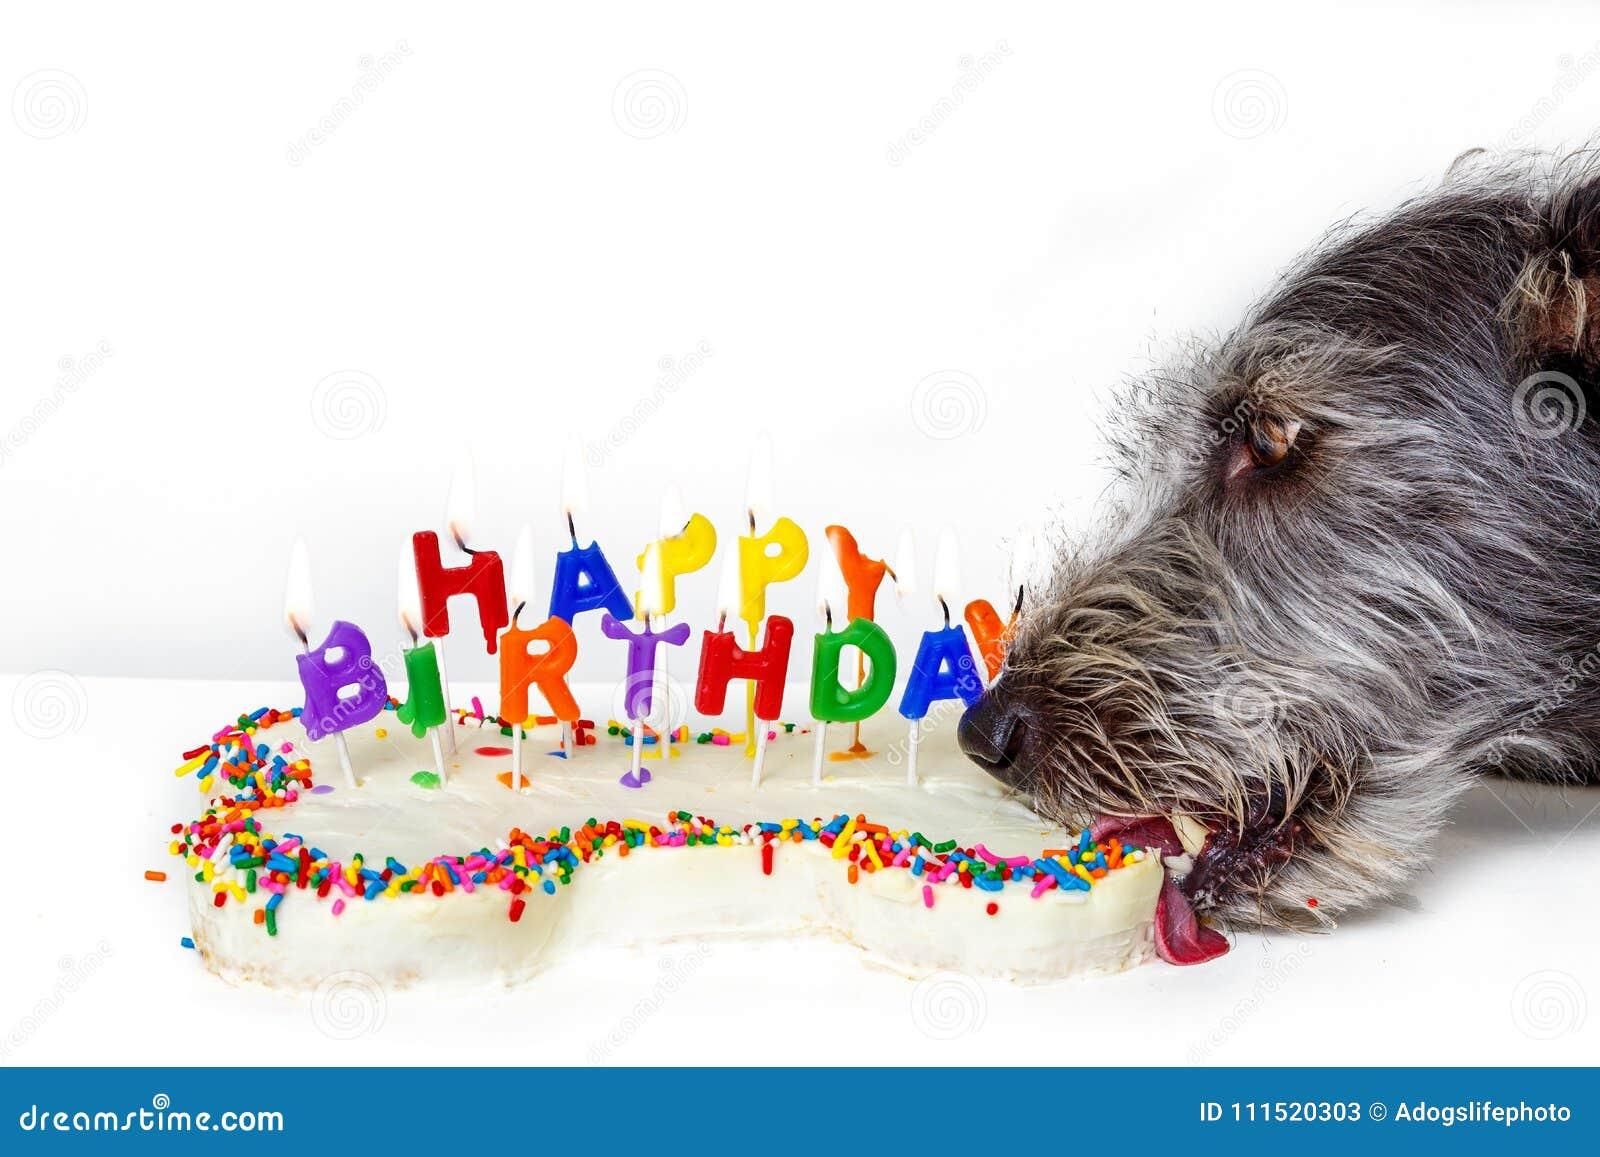 Dog Eating Bone Shaped Birthday Cake